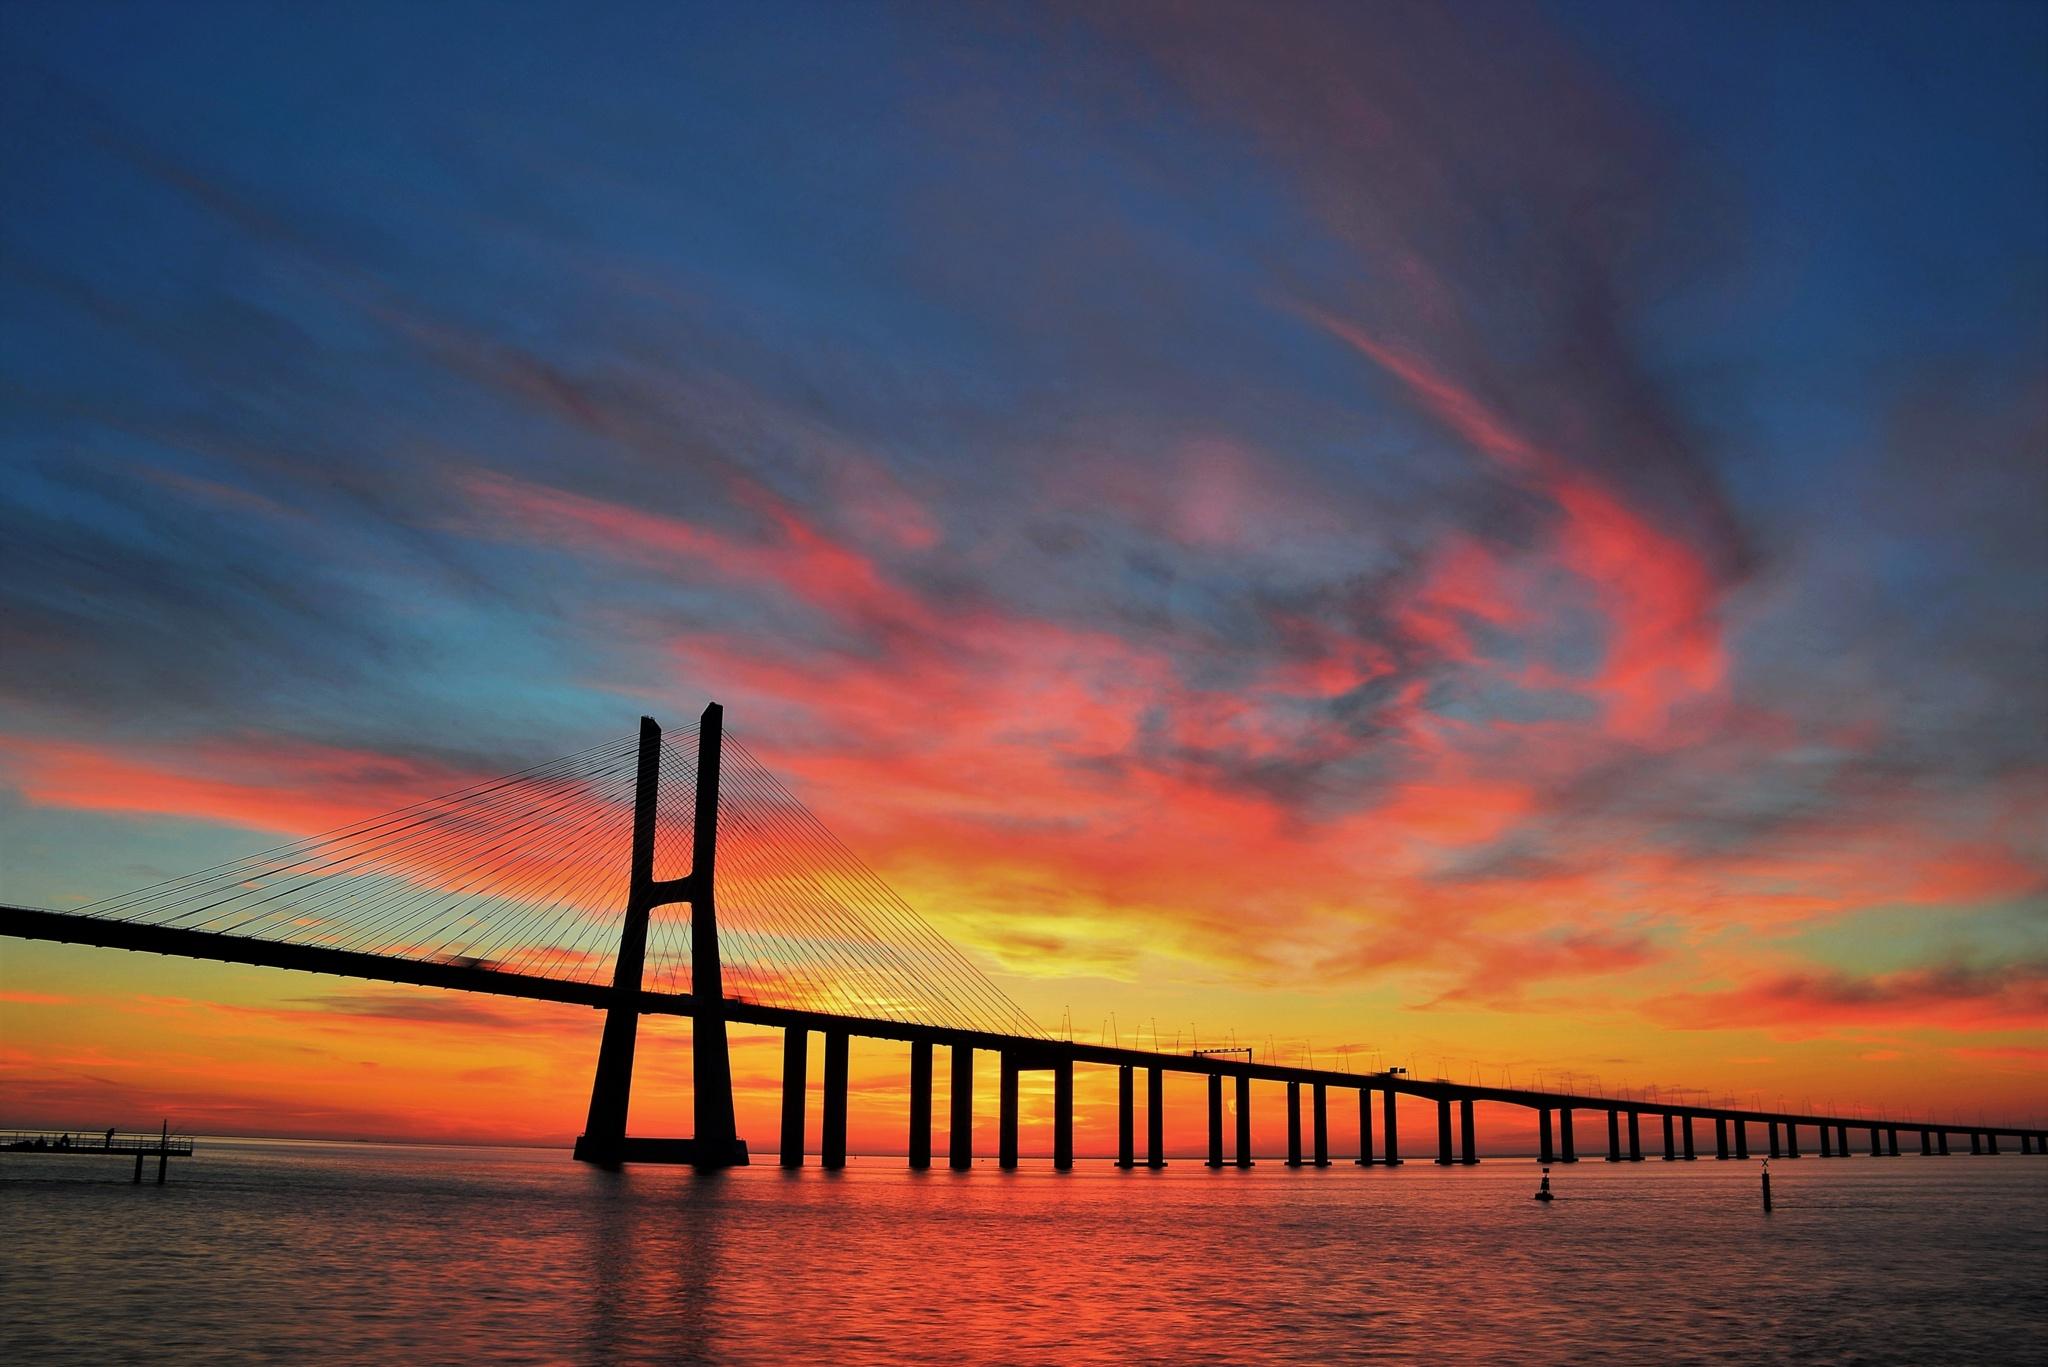 Bridge Vasco da Gama by Pedro Ferraz